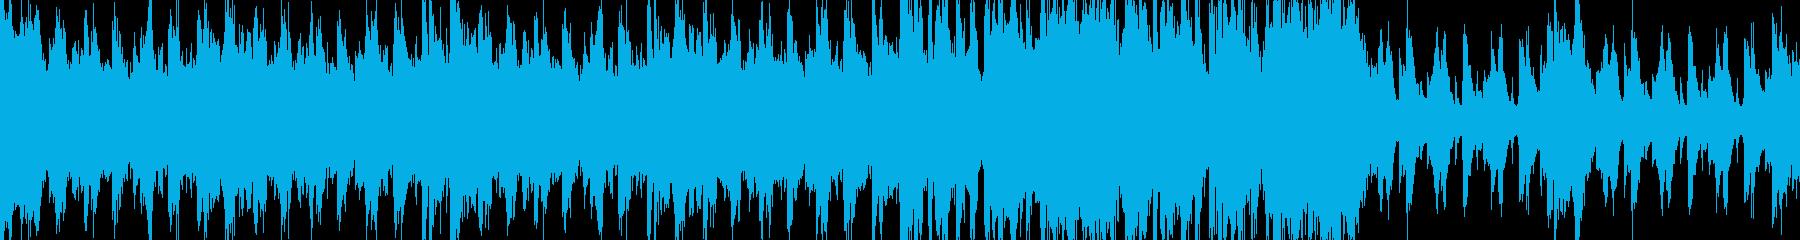 戦闘後のリザルト画面での曲の再生済みの波形